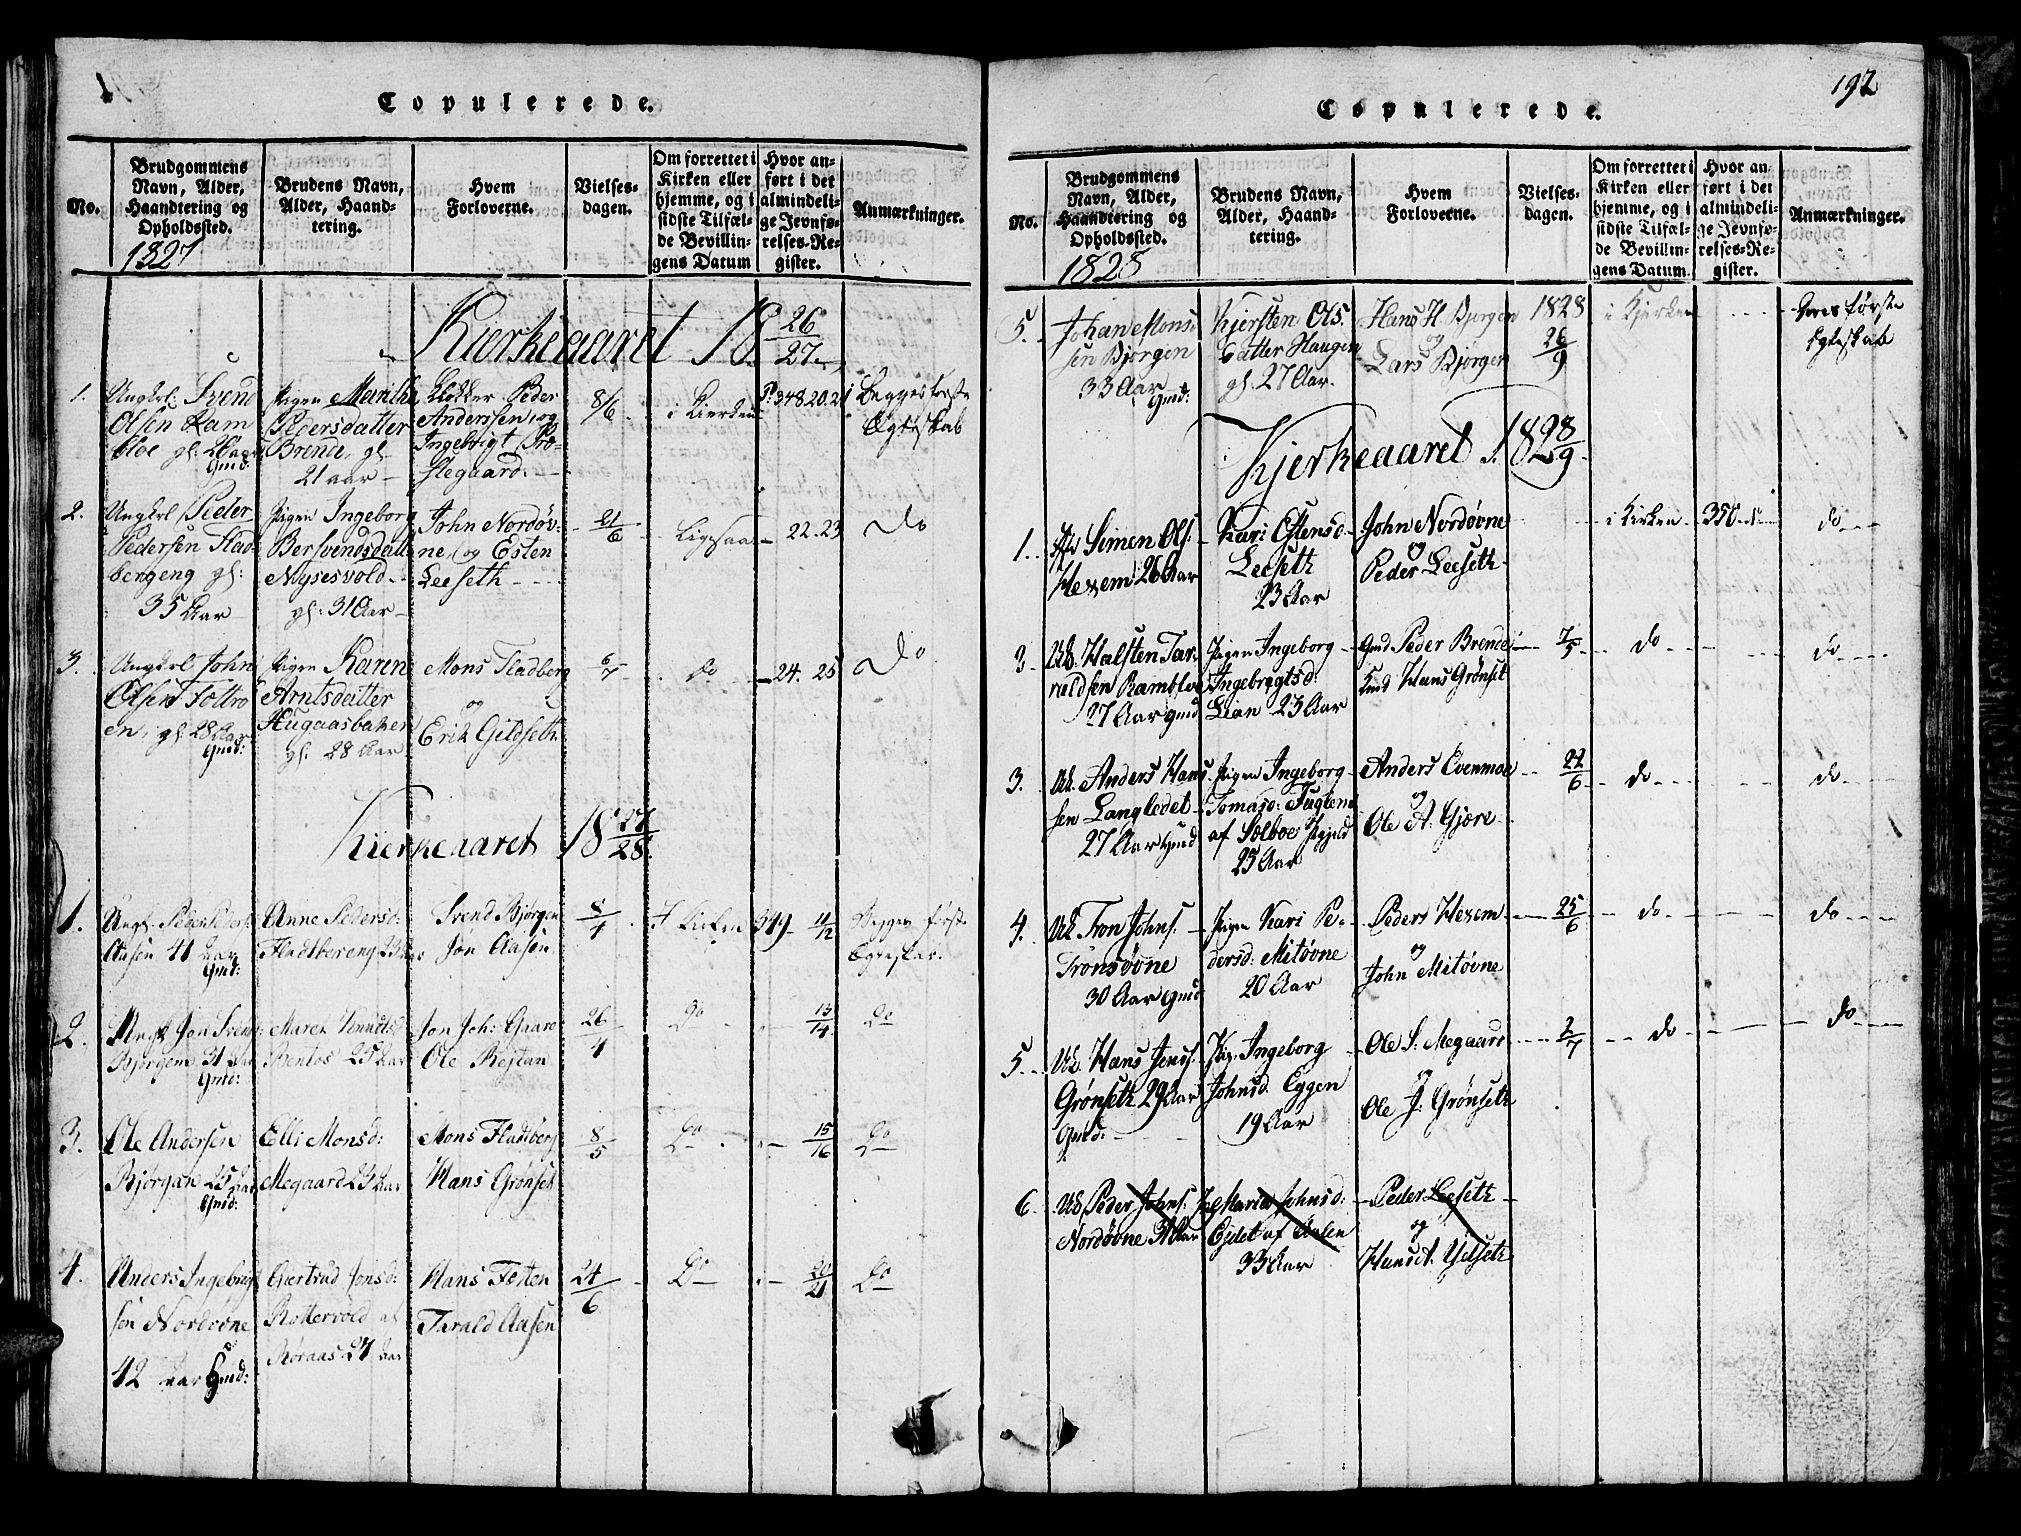 SAT, Ministerialprotokoller, klokkerbøker og fødselsregistre - Sør-Trøndelag, 685/L0976: Klokkerbok nr. 685C01, 1817-1878, s. 192